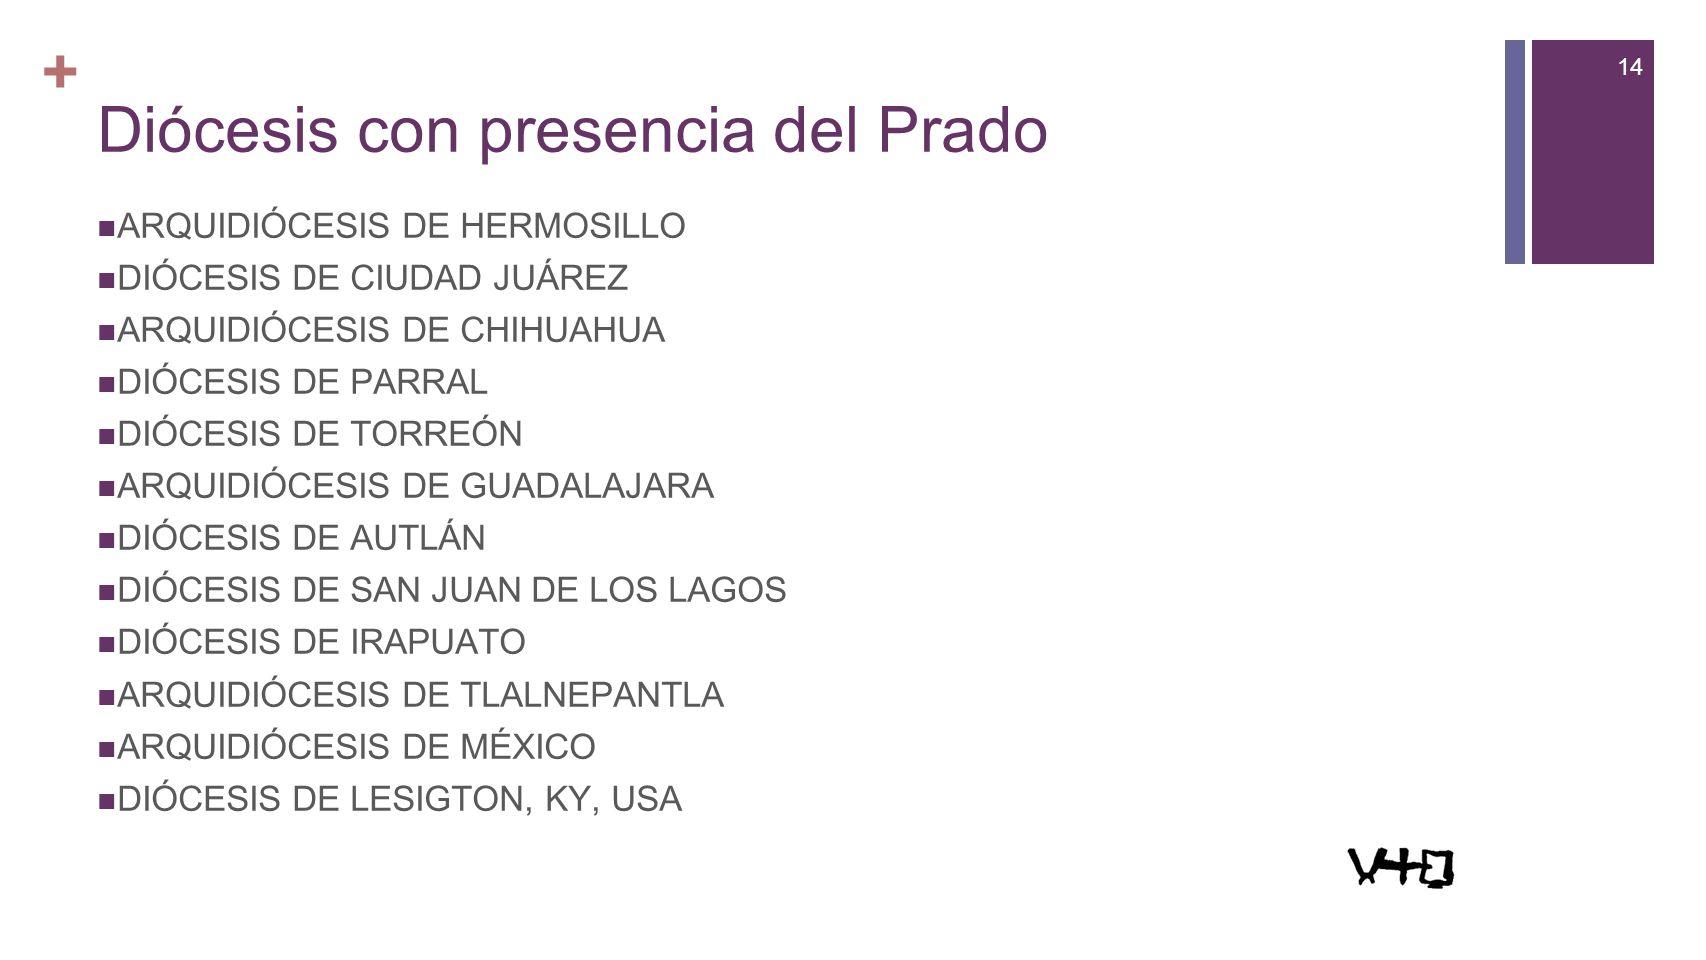 Diócesis con presencia del Prado